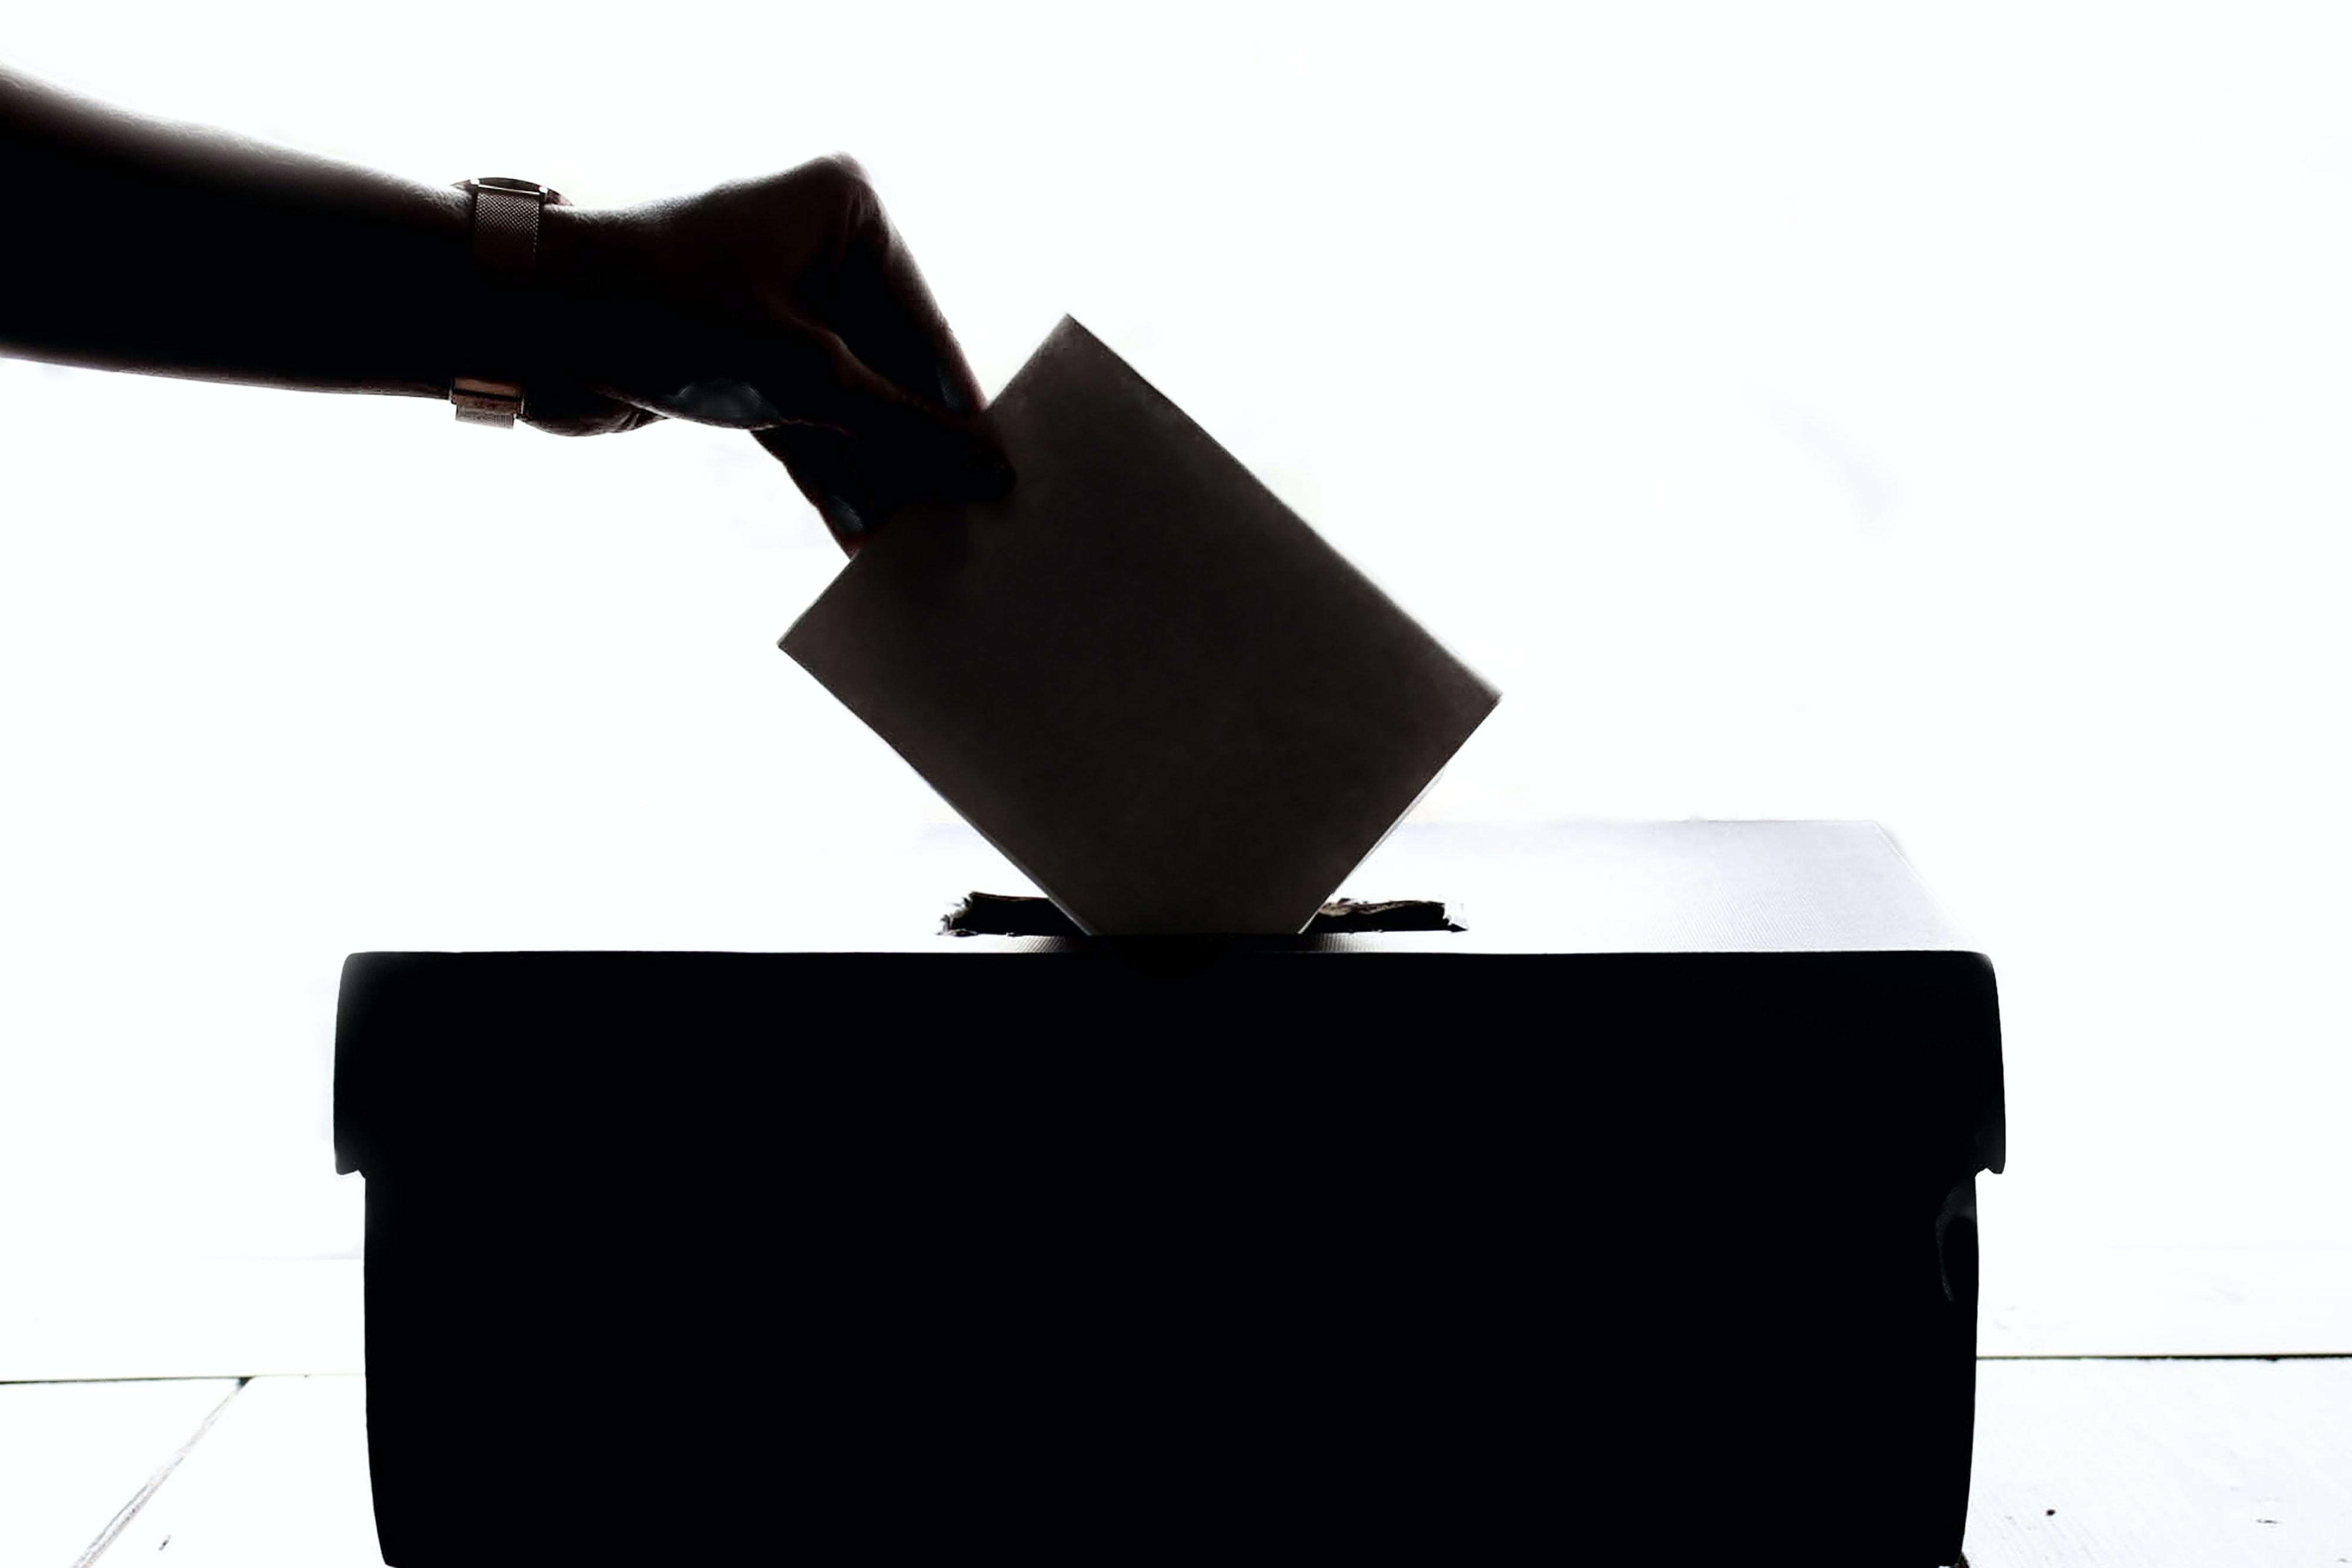 Děti nejsou voliči. Jak se politické strany staví k jejich osudům?